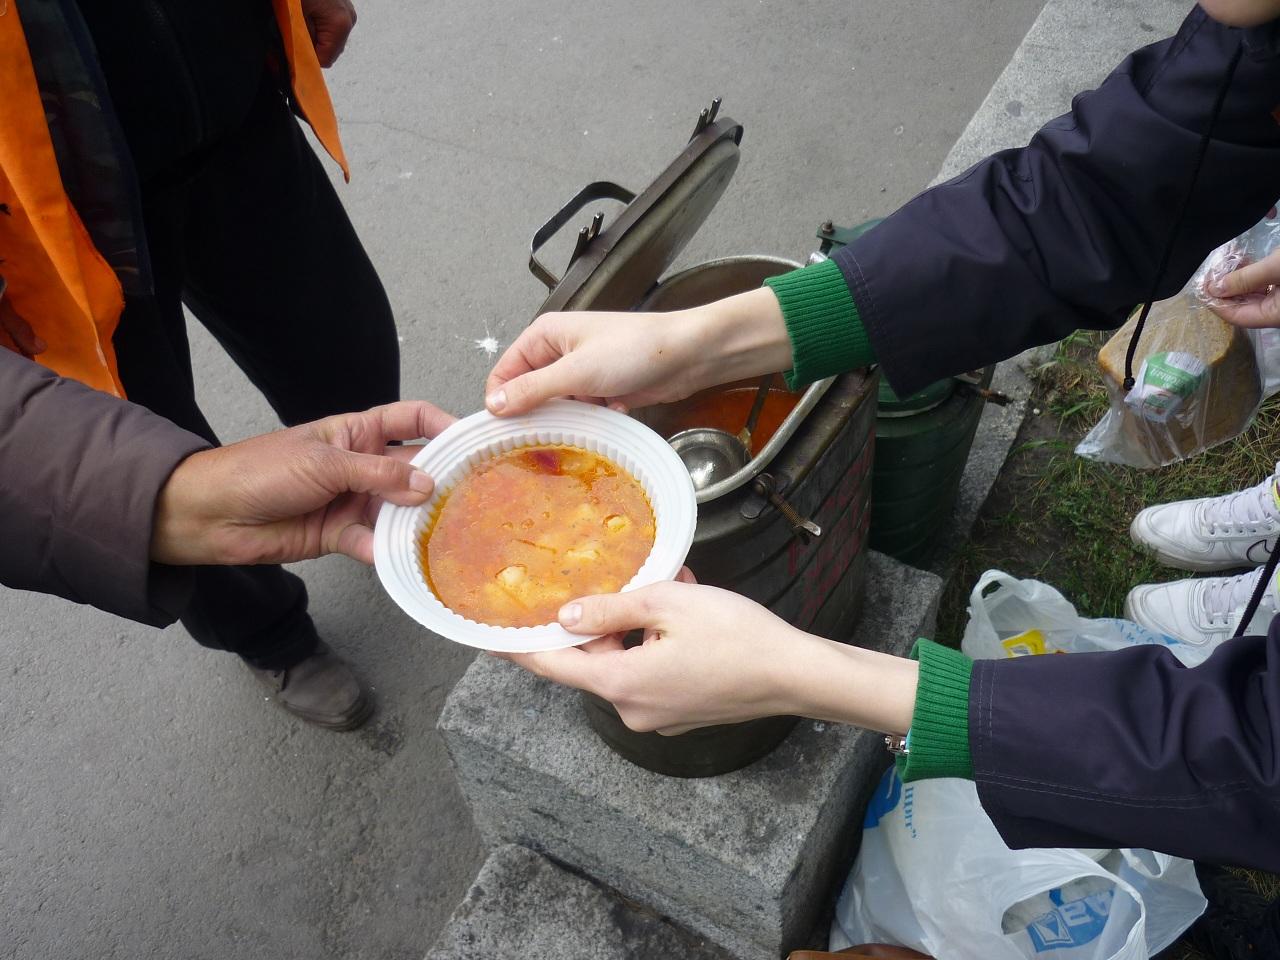 Неравнодушные череповчане решили организовать обед для бездомных